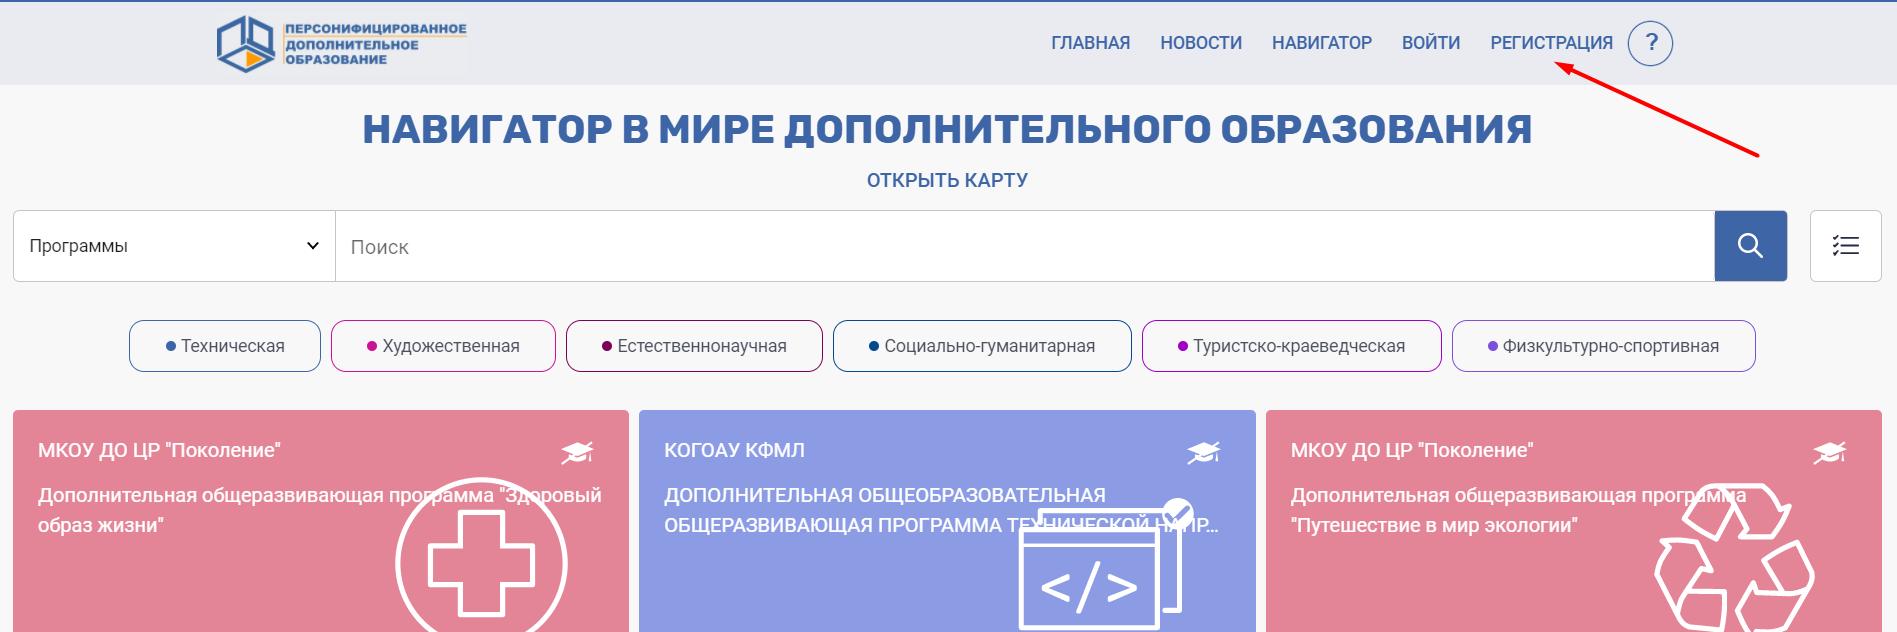 Регистрация на портале региональные системы пфдо